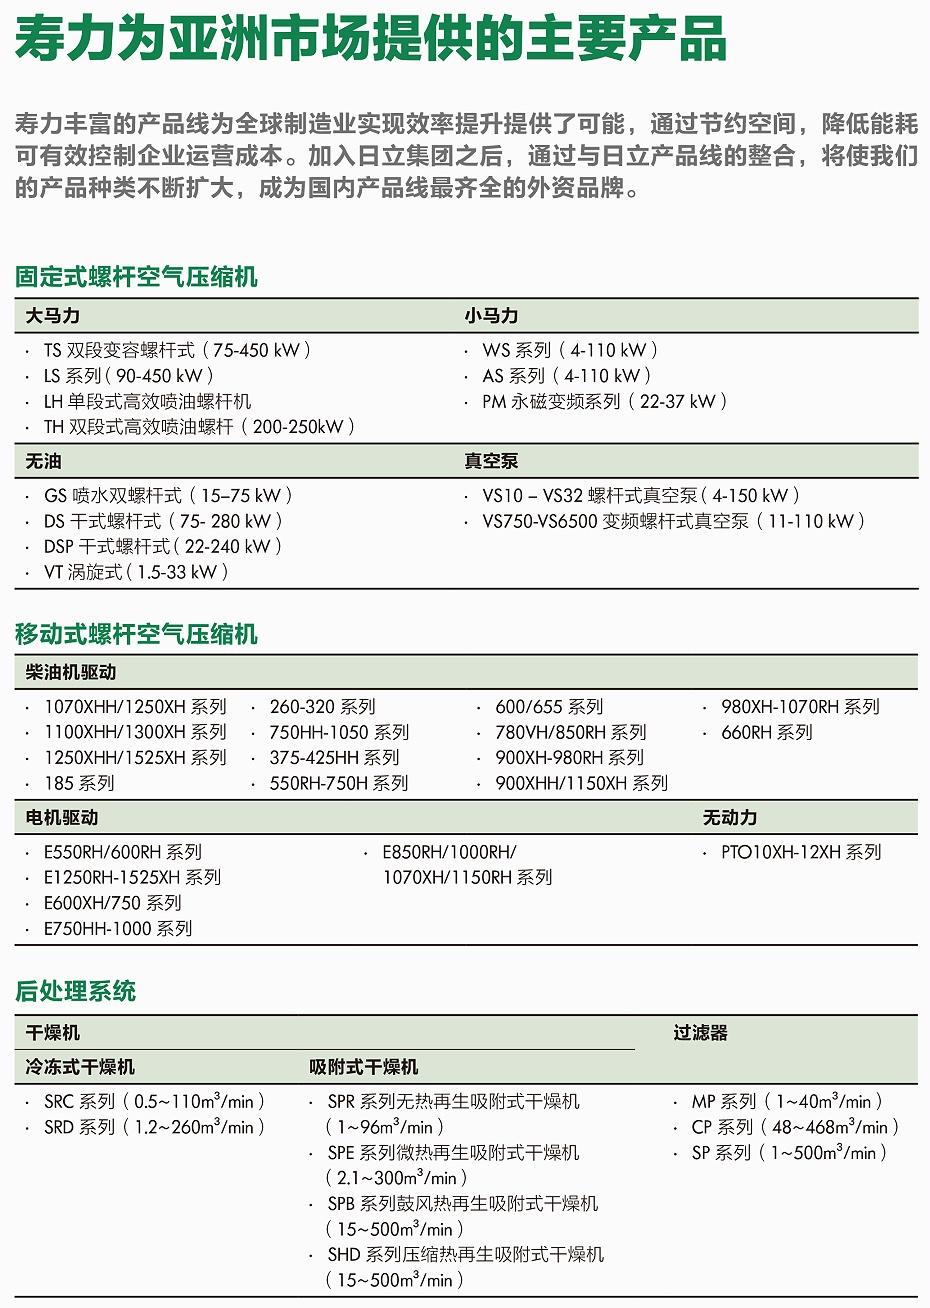 寿力主要产品信息表1